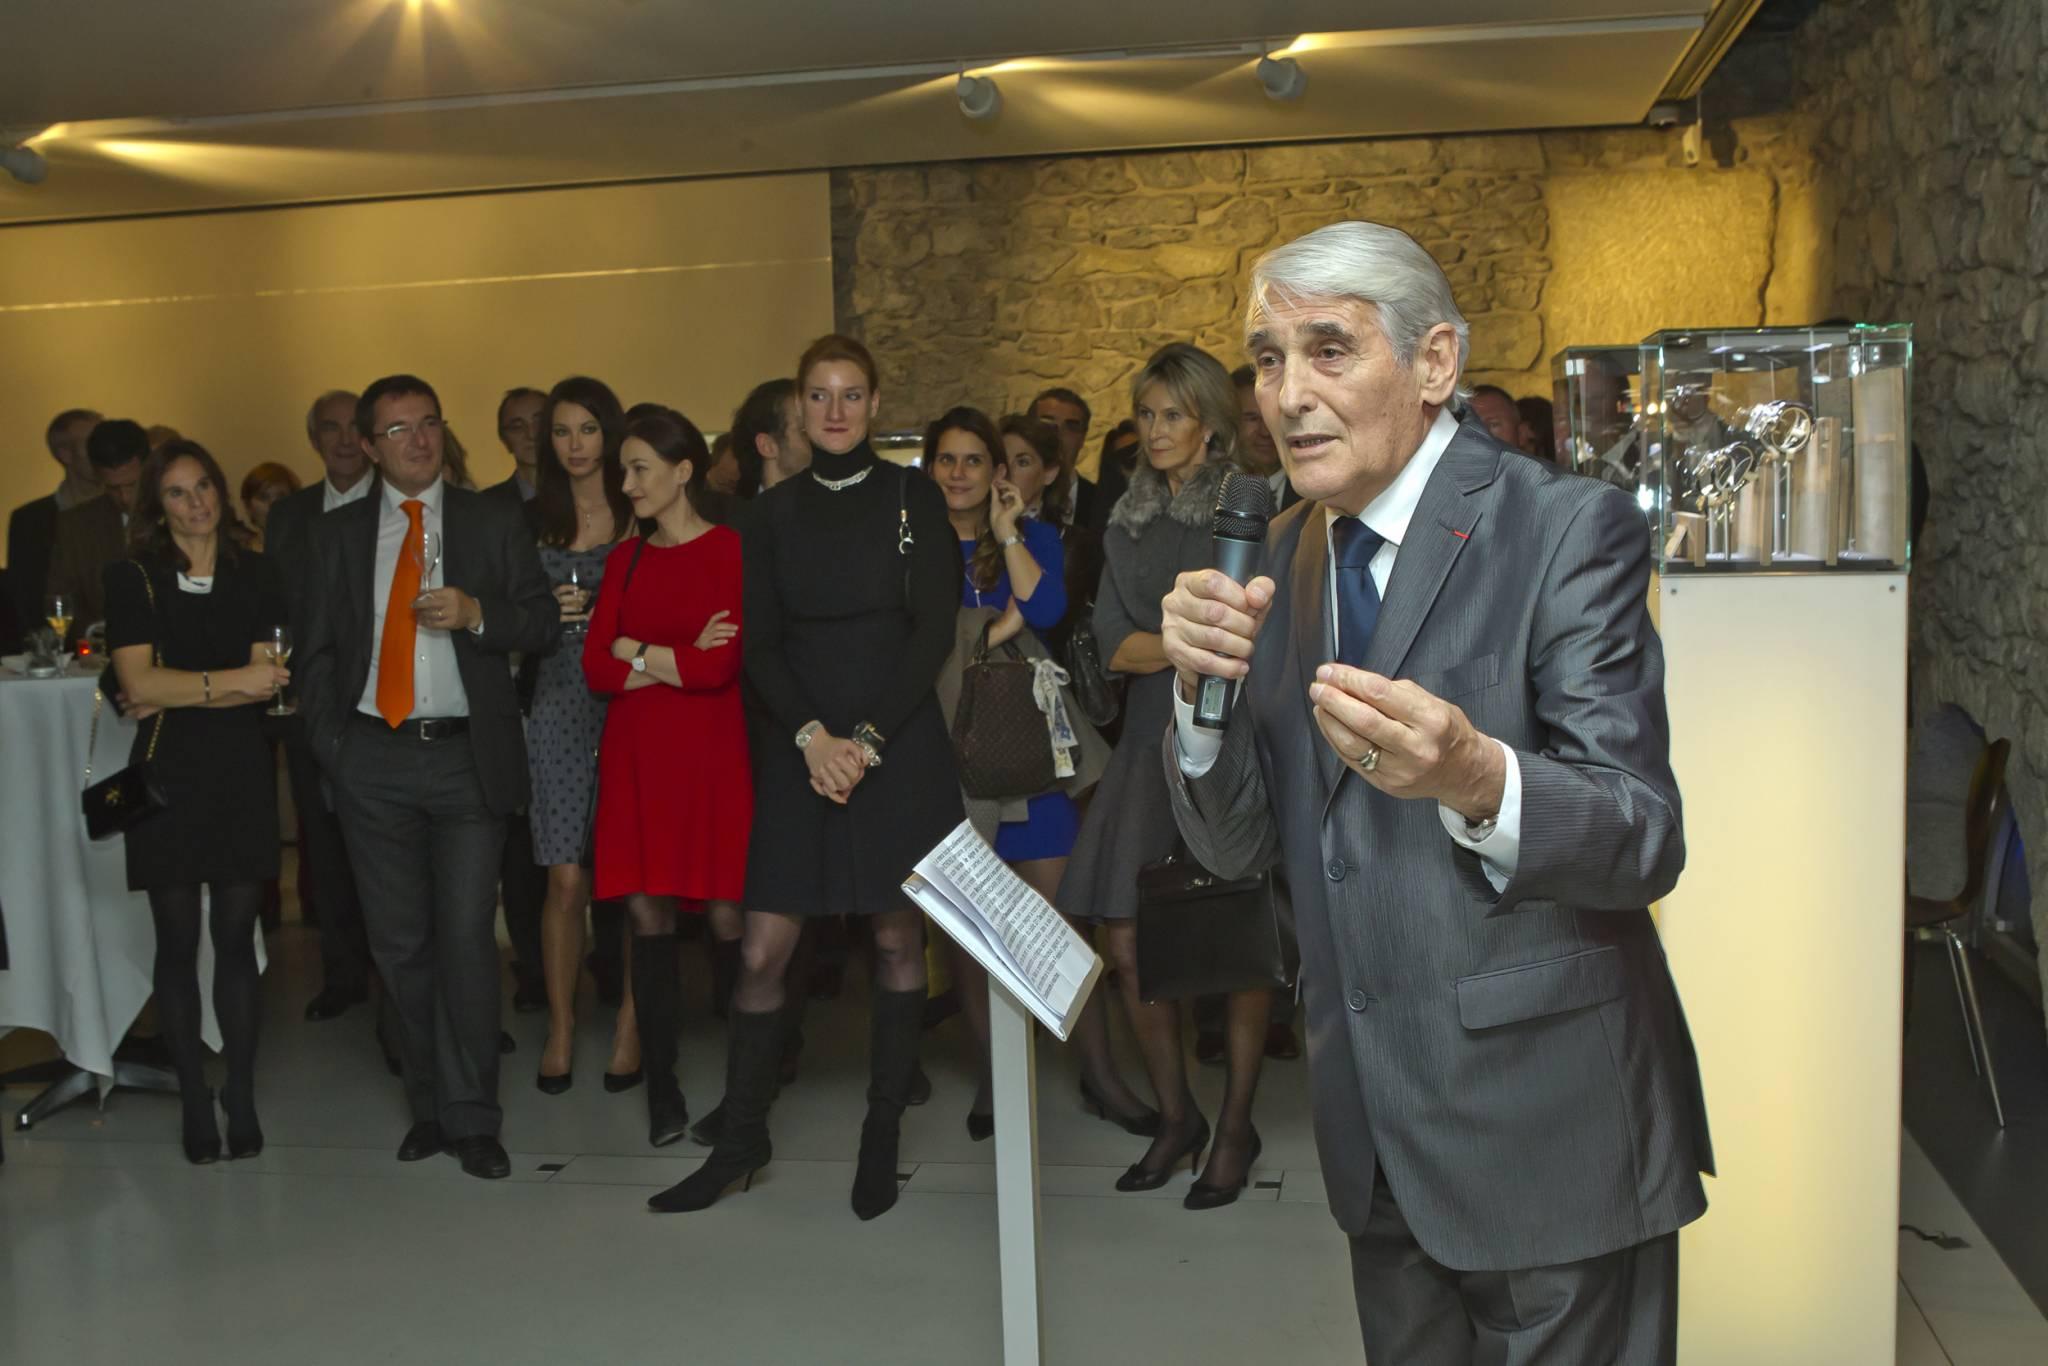 Discours de Carlo Lamprecht, Président du GPHG lors du cocktail d'inauguration de l'exposition genevoise, 8 novembre 2011